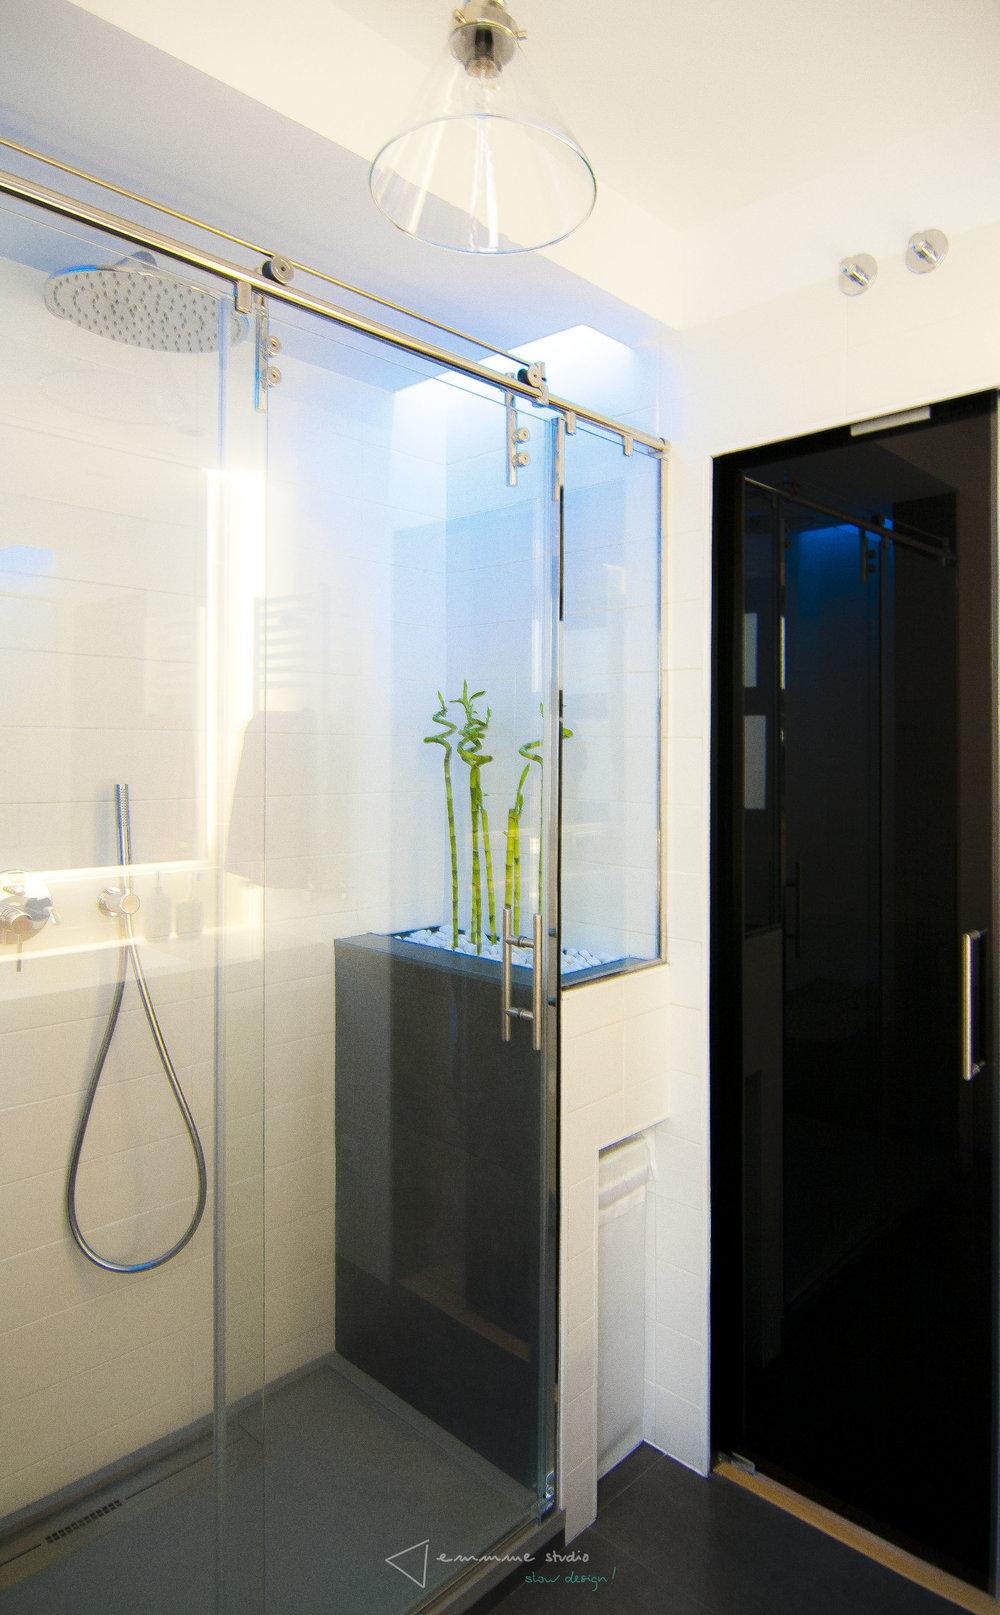 diseño reformas slow emmme studio - baño de Maria y Rober - 01 - CM.jpg